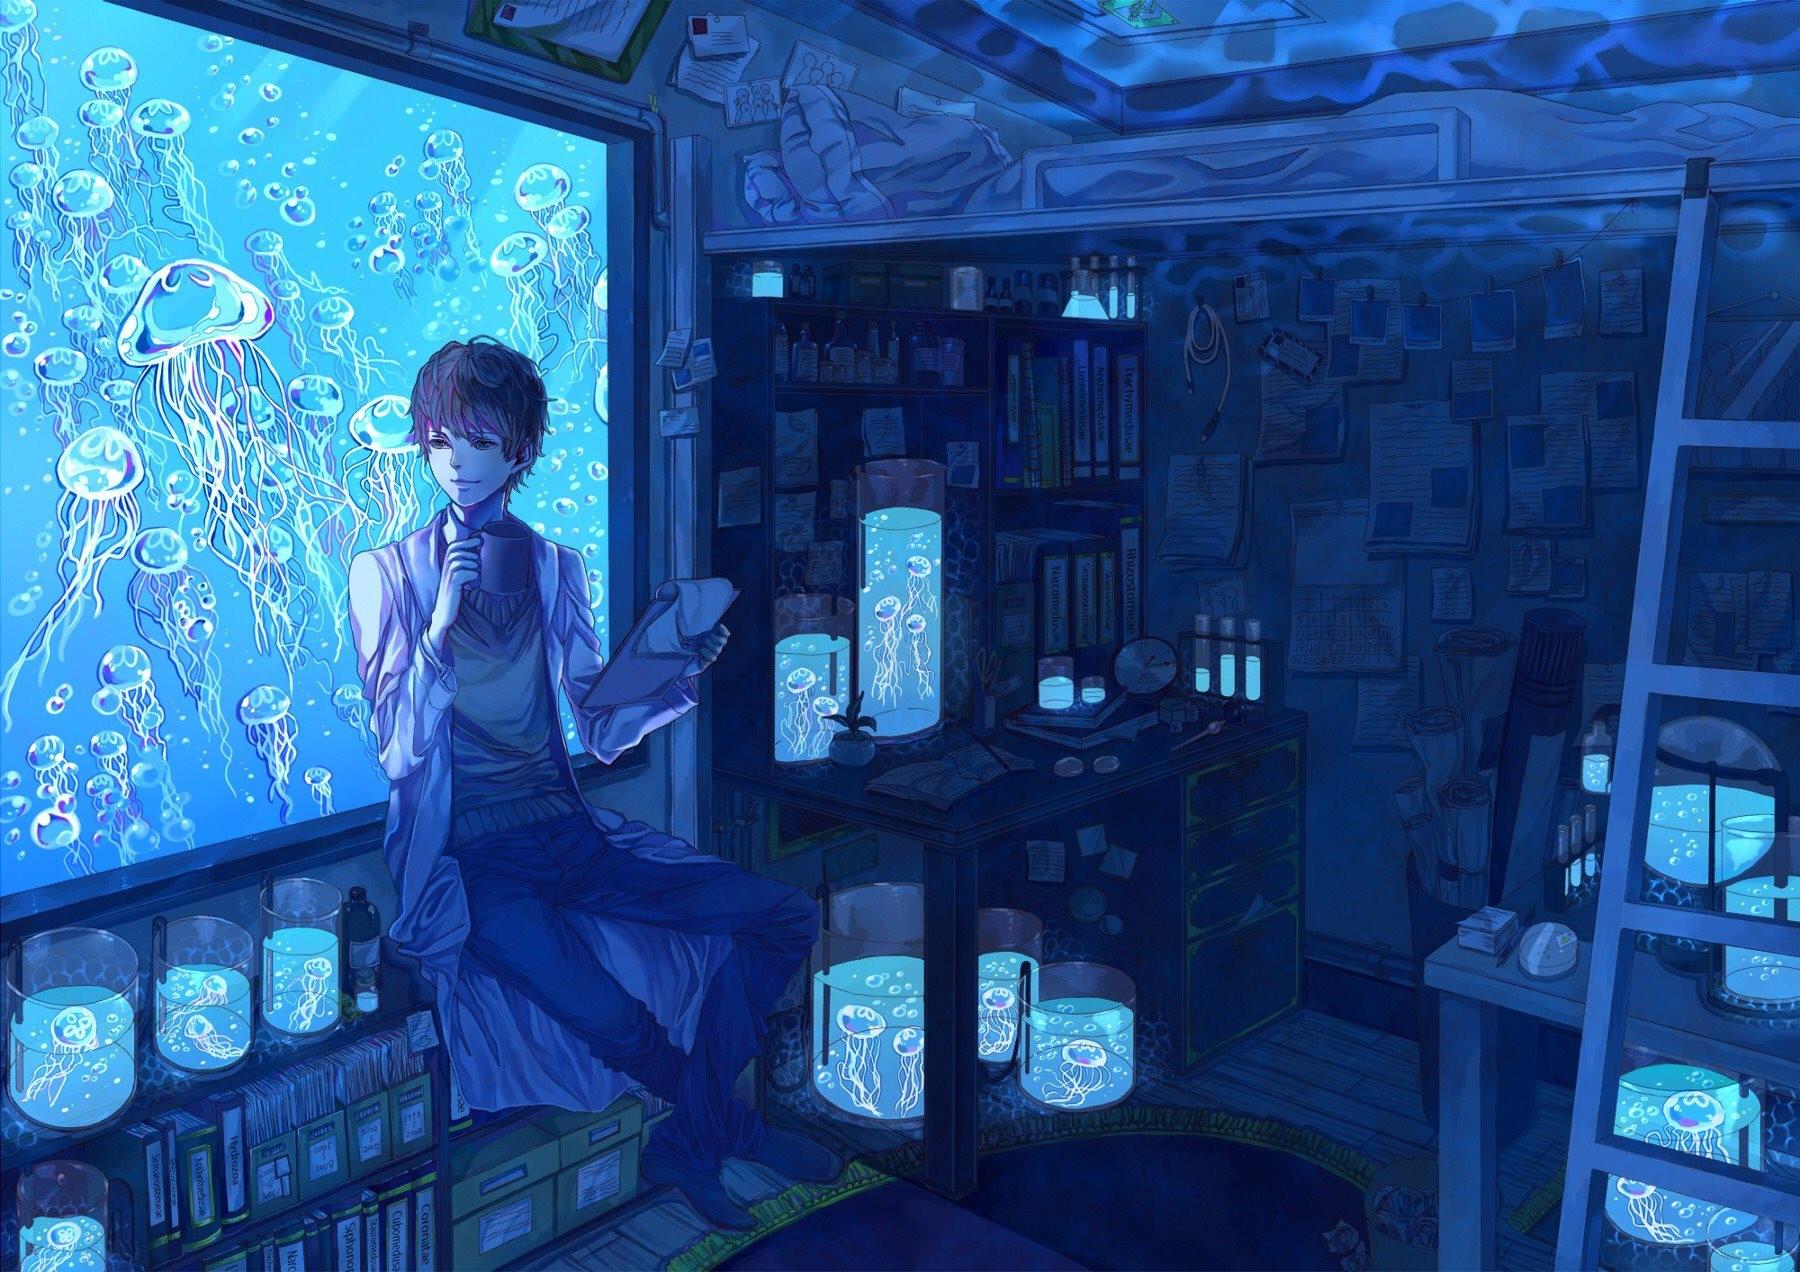 Phone Wallpaper Boy And Girl Sunset Anime Papel De Parede Anime Azul Cientistas Aqu 225 Rio